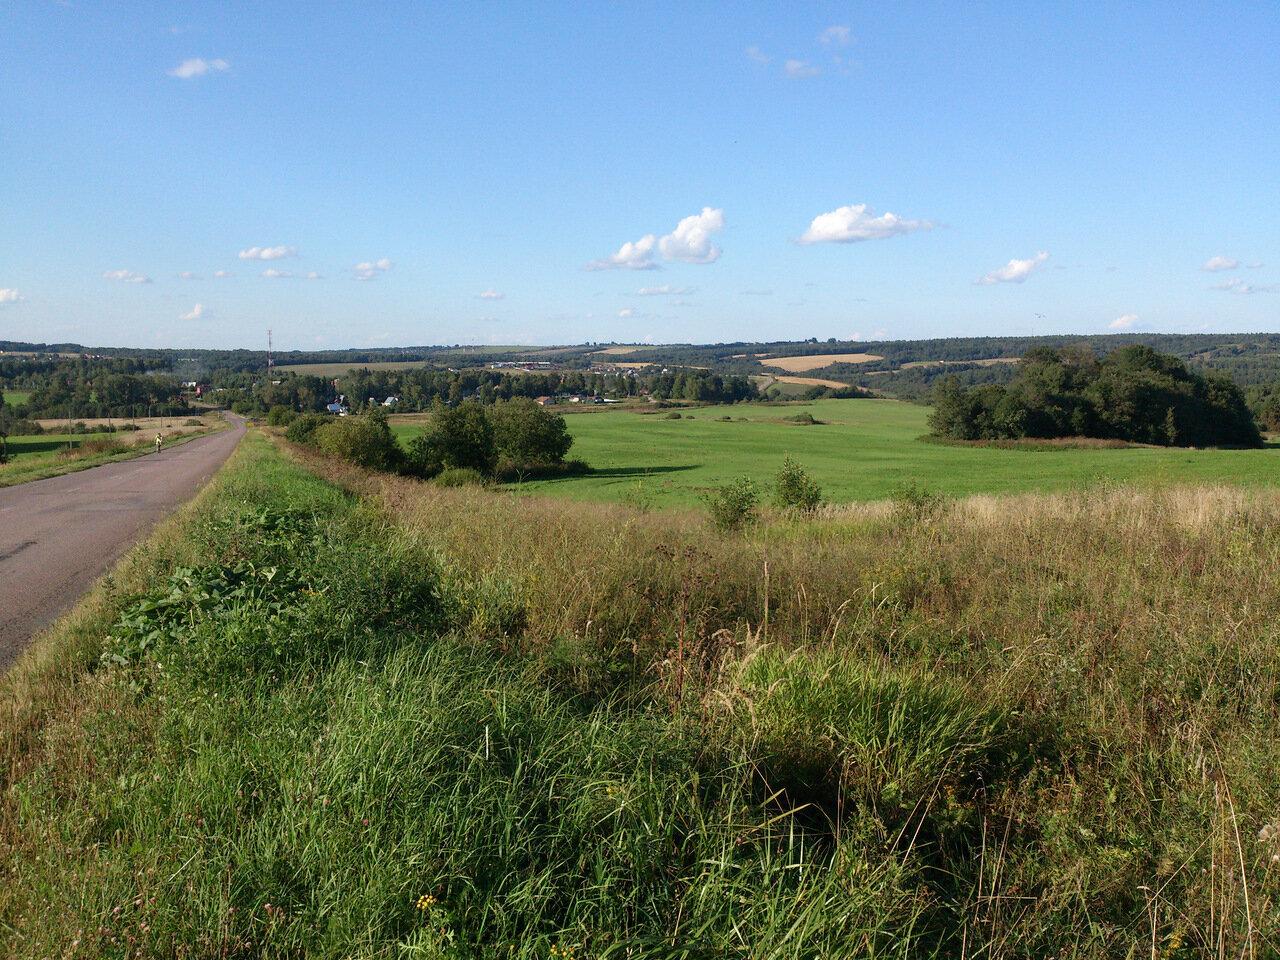 холмы Клинско-Дмитровской гряды в долине Вели особенно живописны